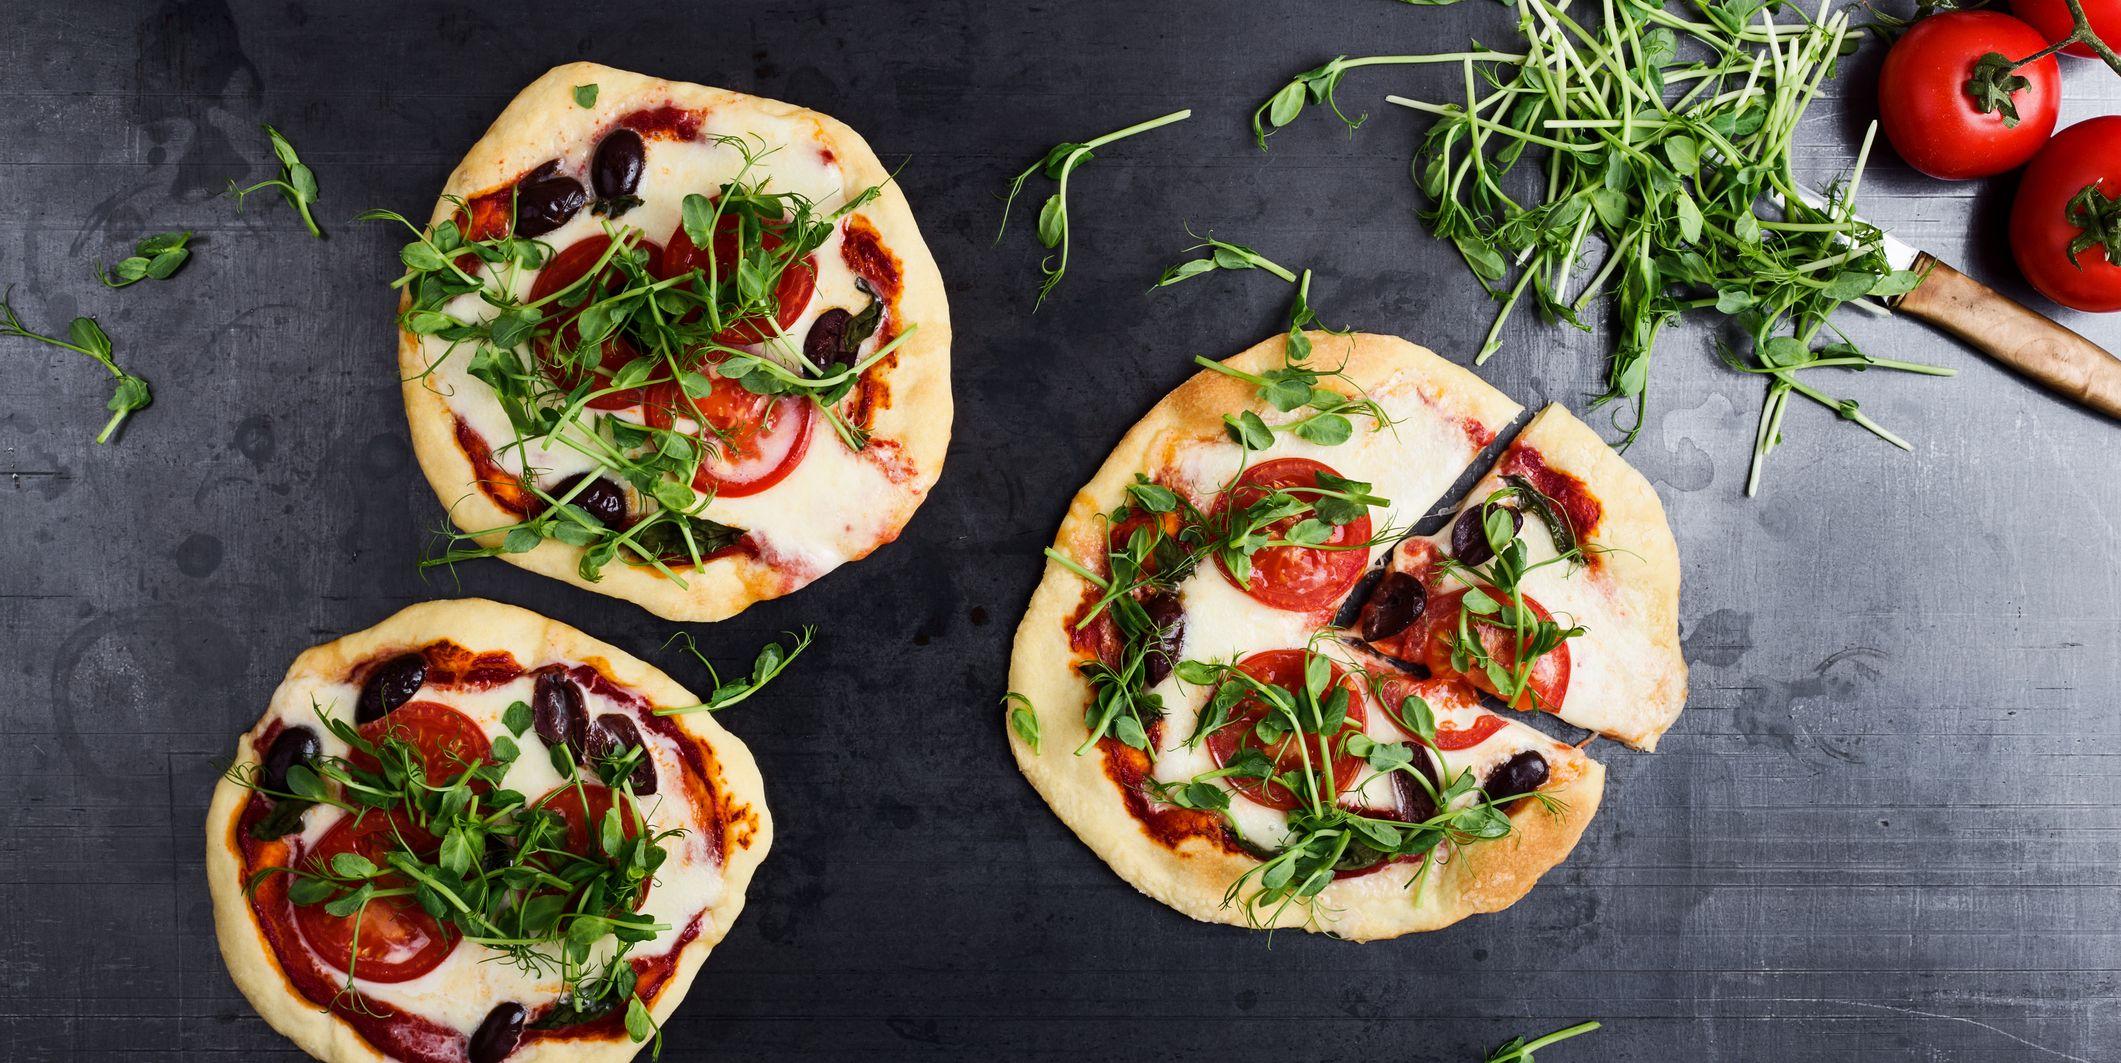 Weekend in arrivo = pizza fatta in casa, e noi vi diamo la ricetta perfetta per stupire tutti